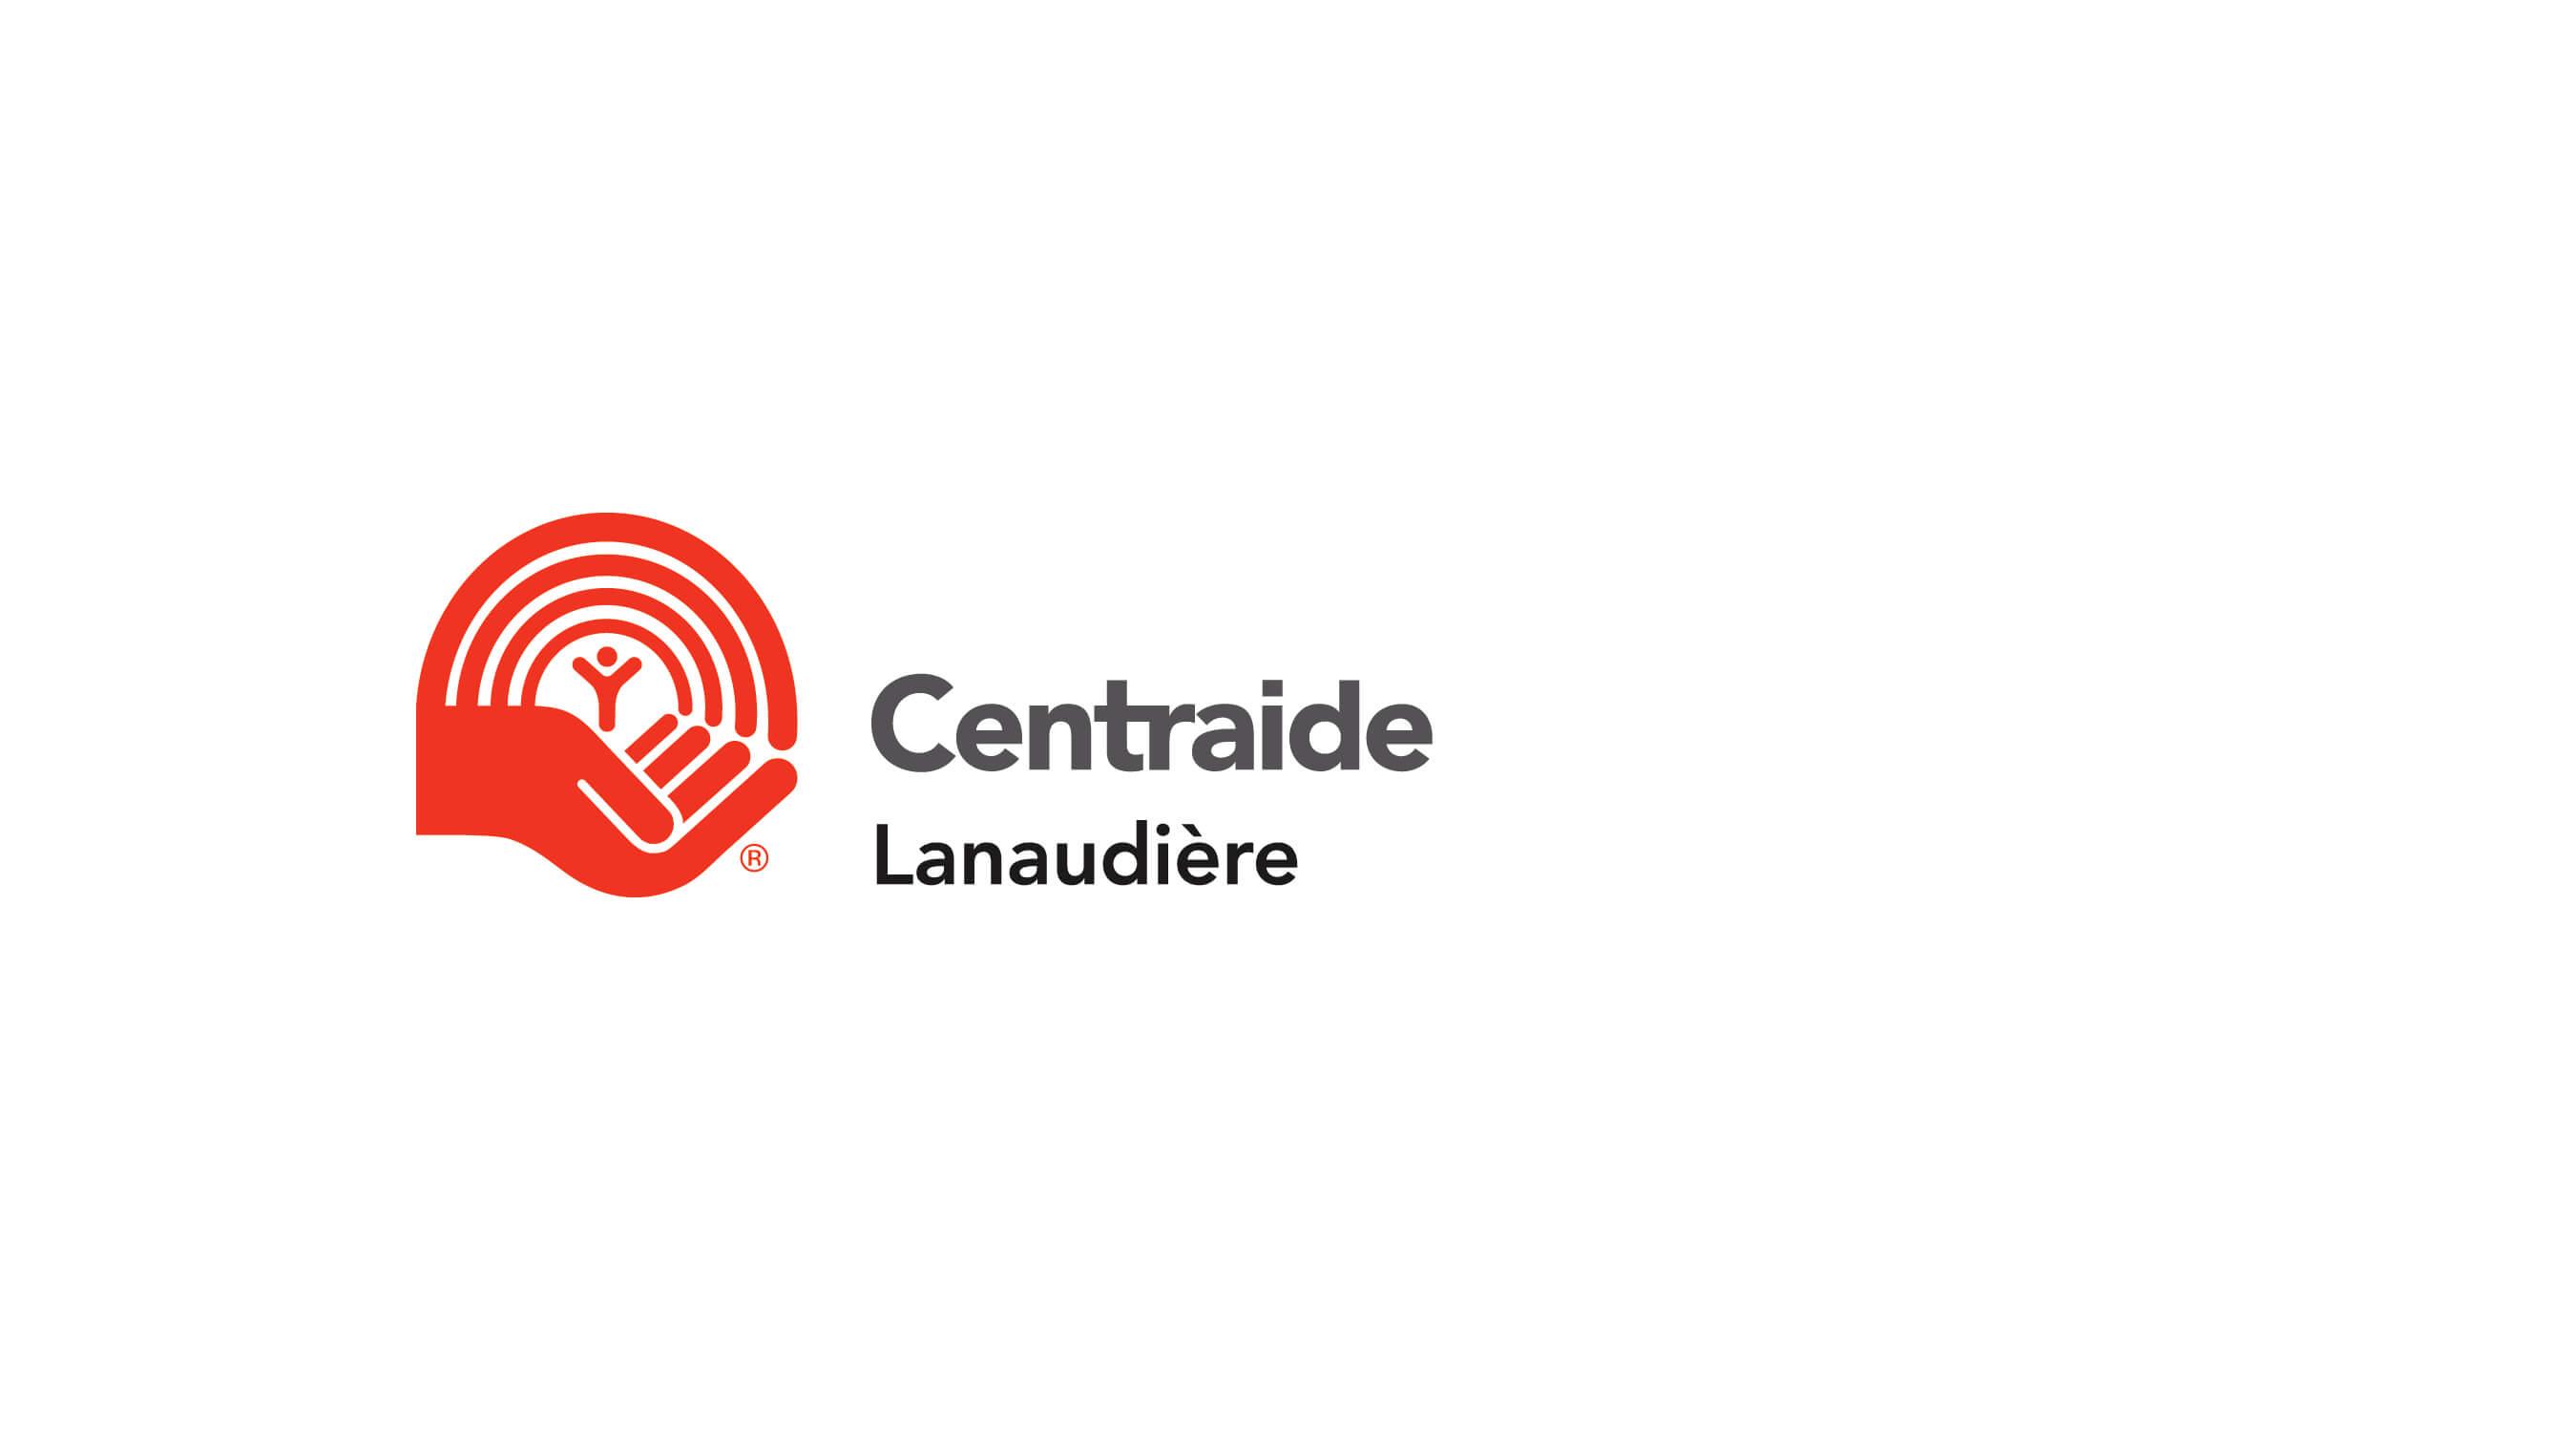 Centraide Lanaudière